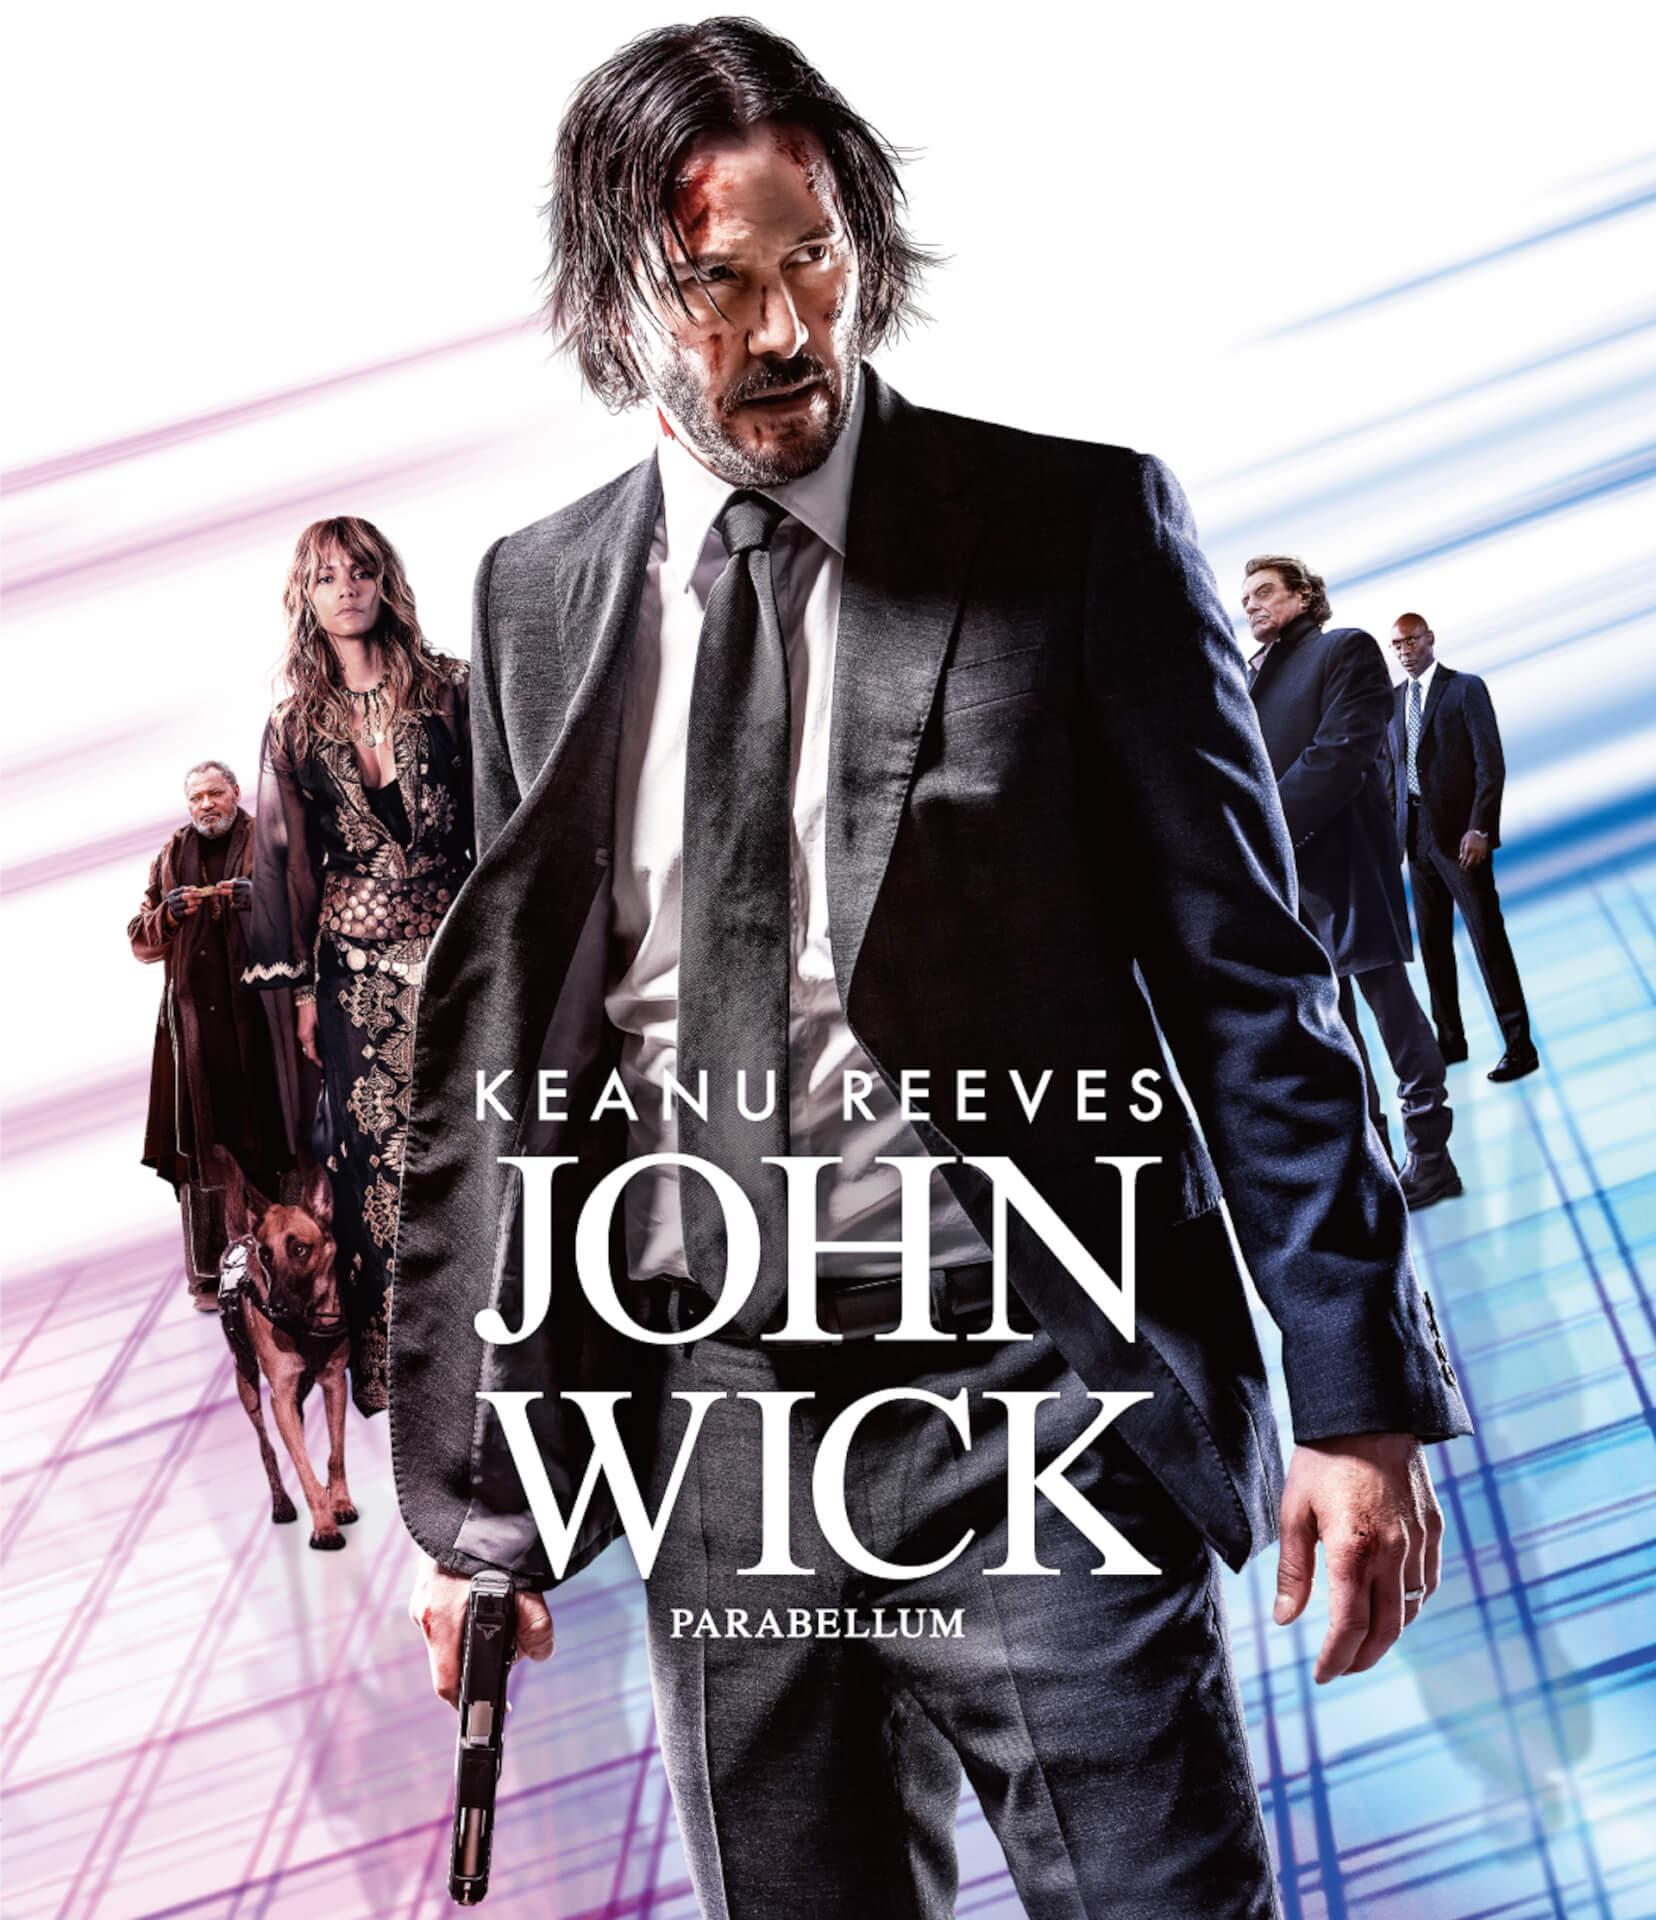 キアヌ・リーブスがあなたの家でガン・フーを披露!『ジョン・ウィック:パラベラム』Blu-ray&DVD、デジタル配信決定 video191225_johnwick_1